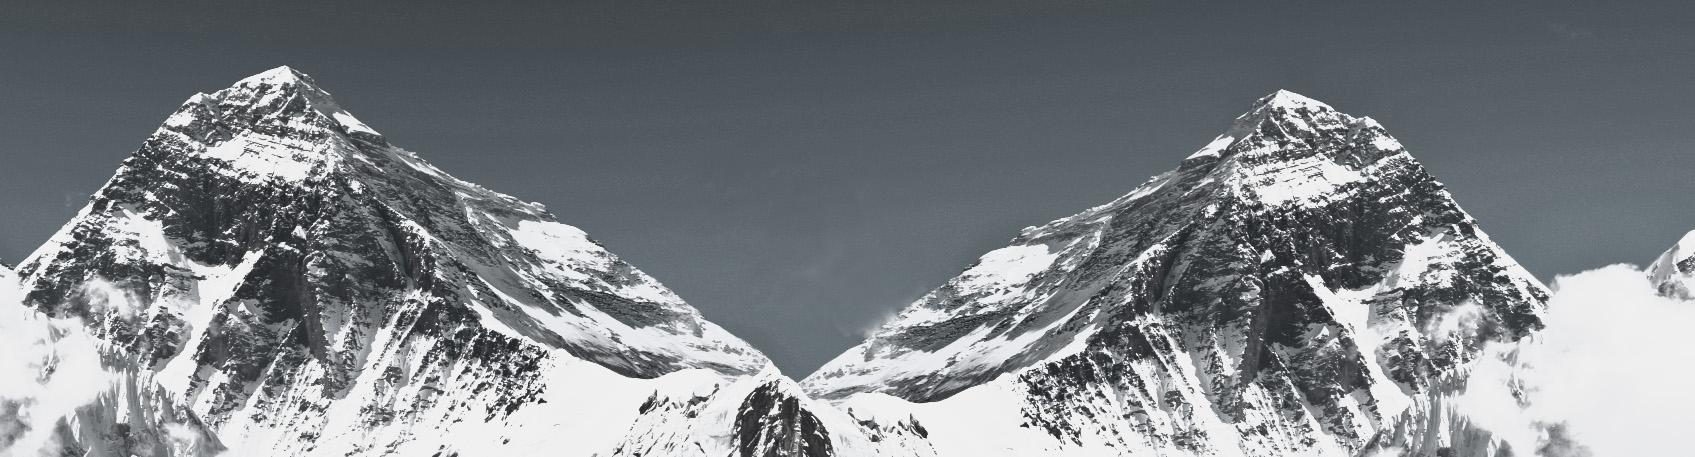 mountain01d